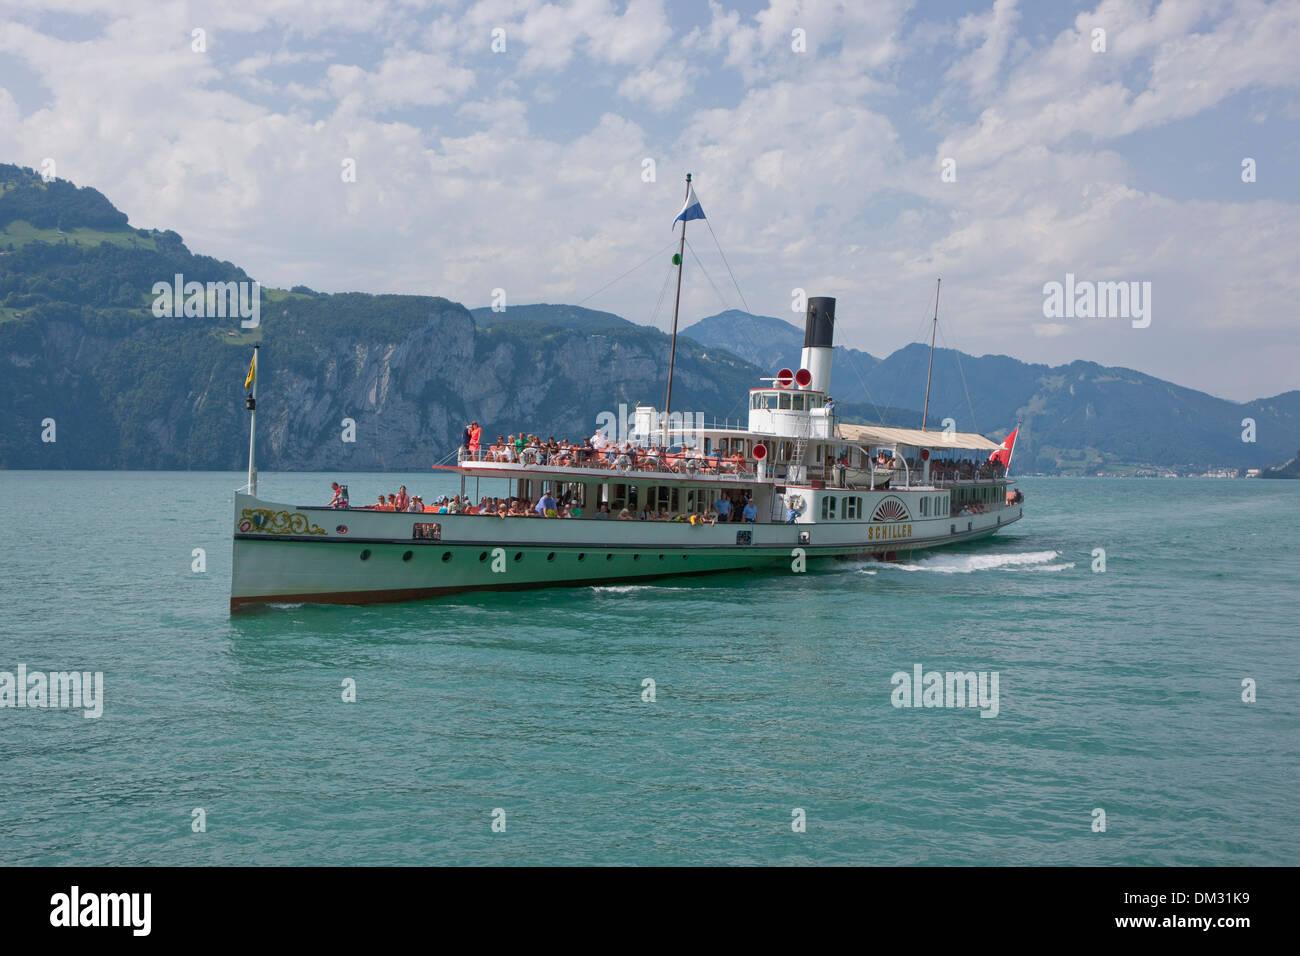 Suiza, Europa, el lago de Lucerna, en el centro de Suiza, en el cantón, UR, Uri, Steamboat, Imagen De Stock